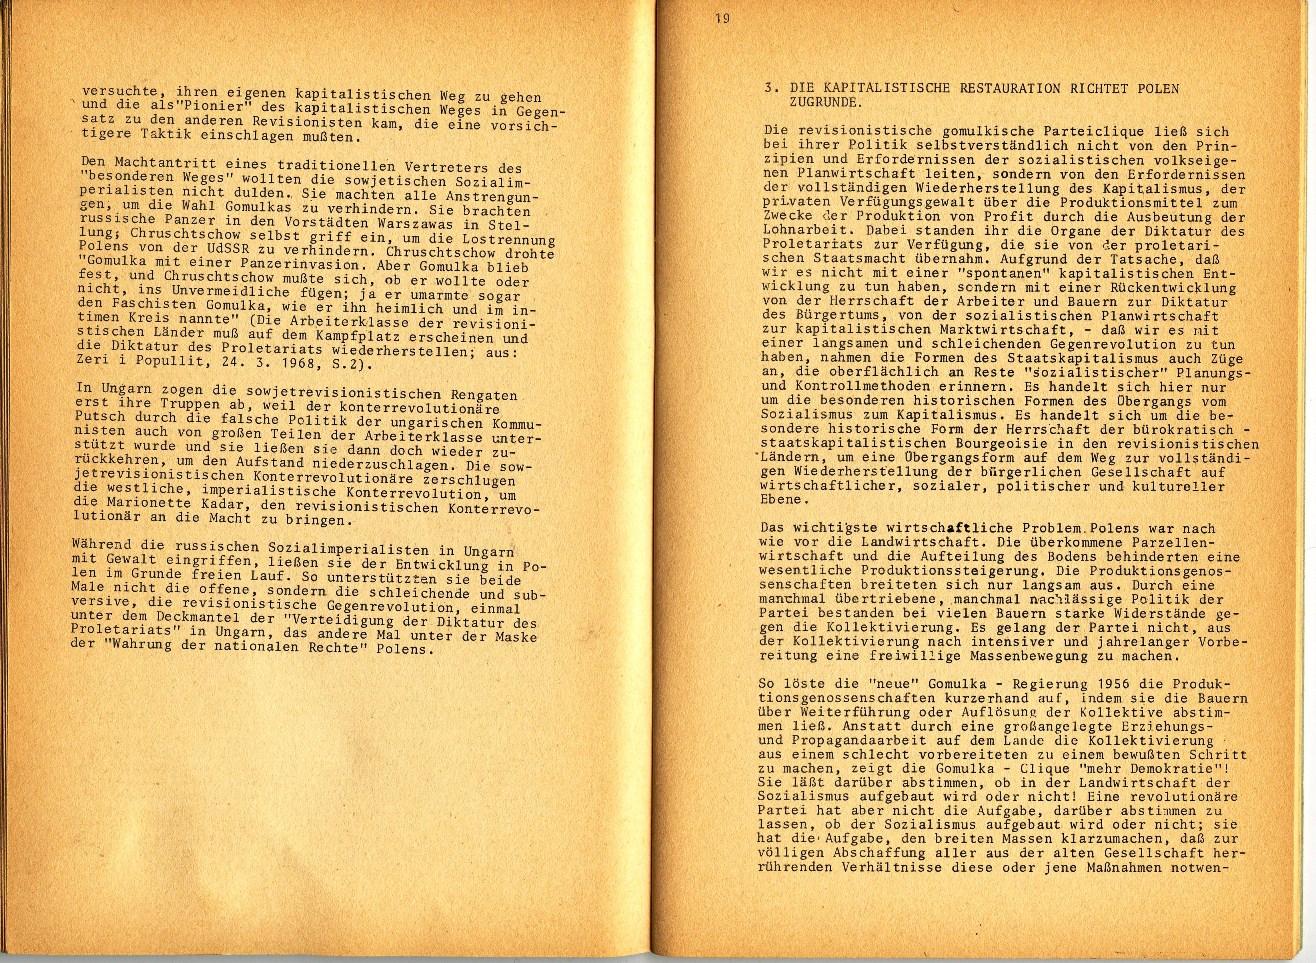 ZB_Polen_Aufstand_1971_13